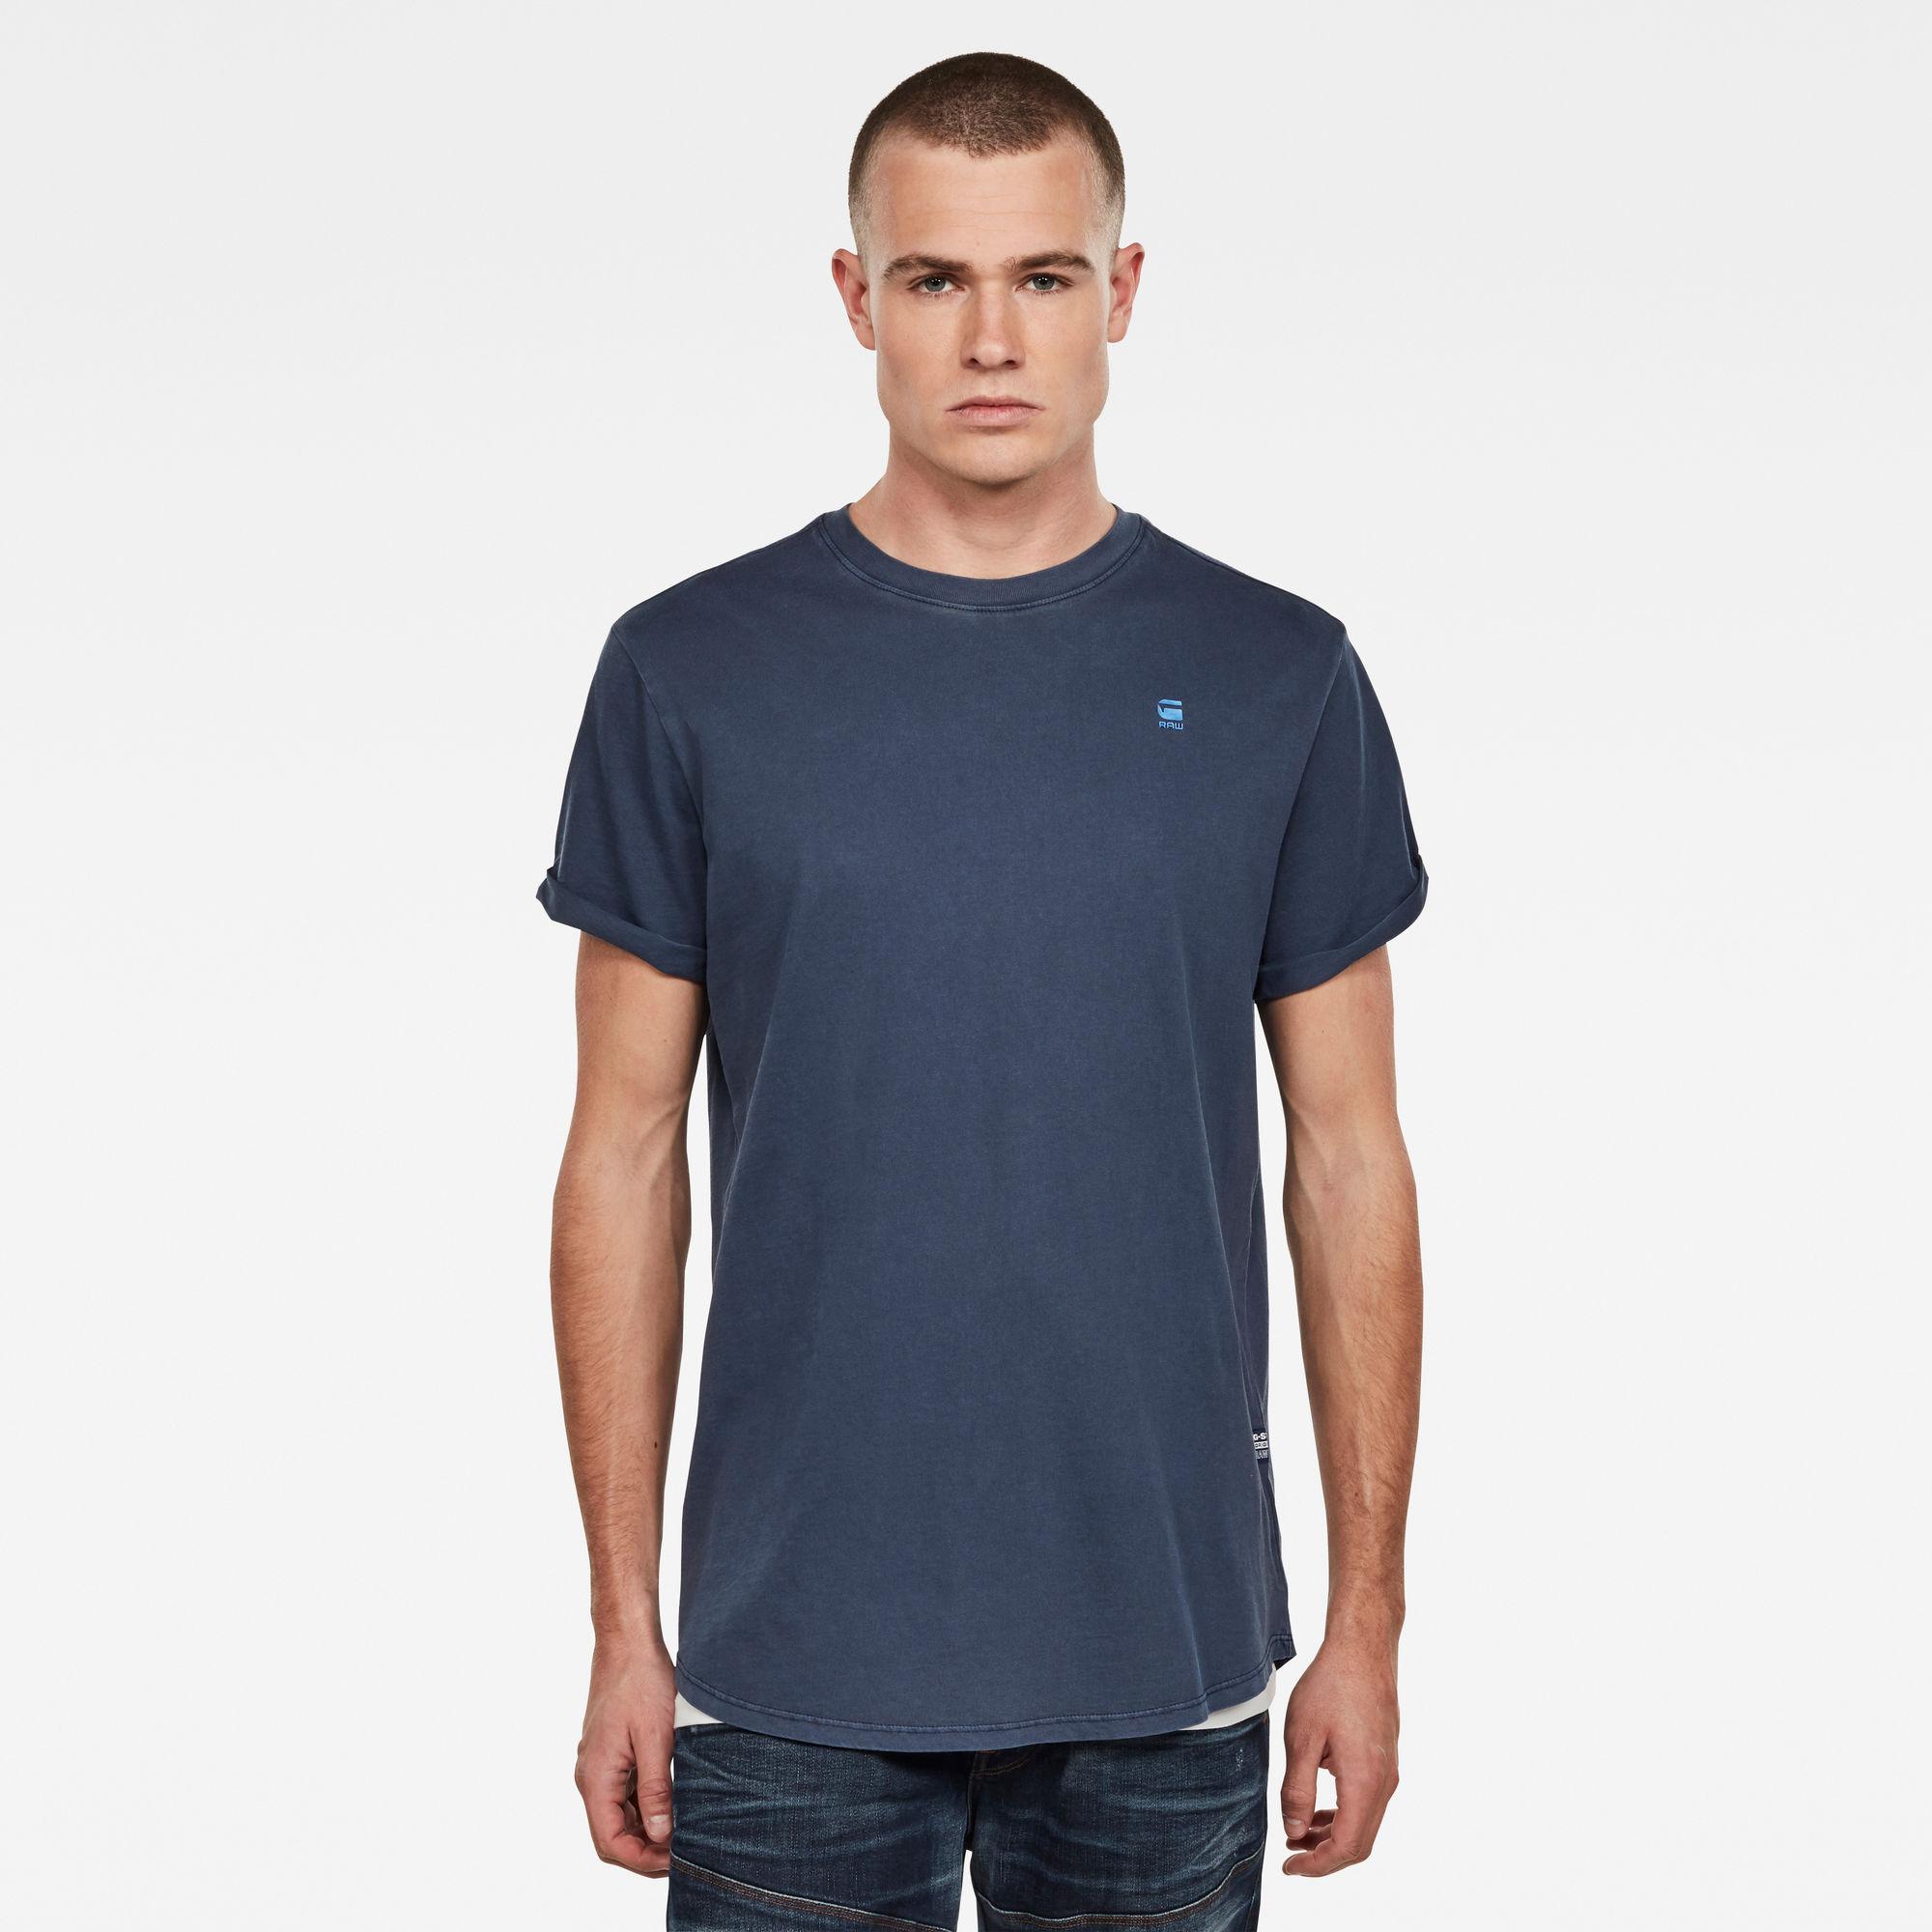 G-Star RAW Heren Lash T-Shirt Donkerblauw